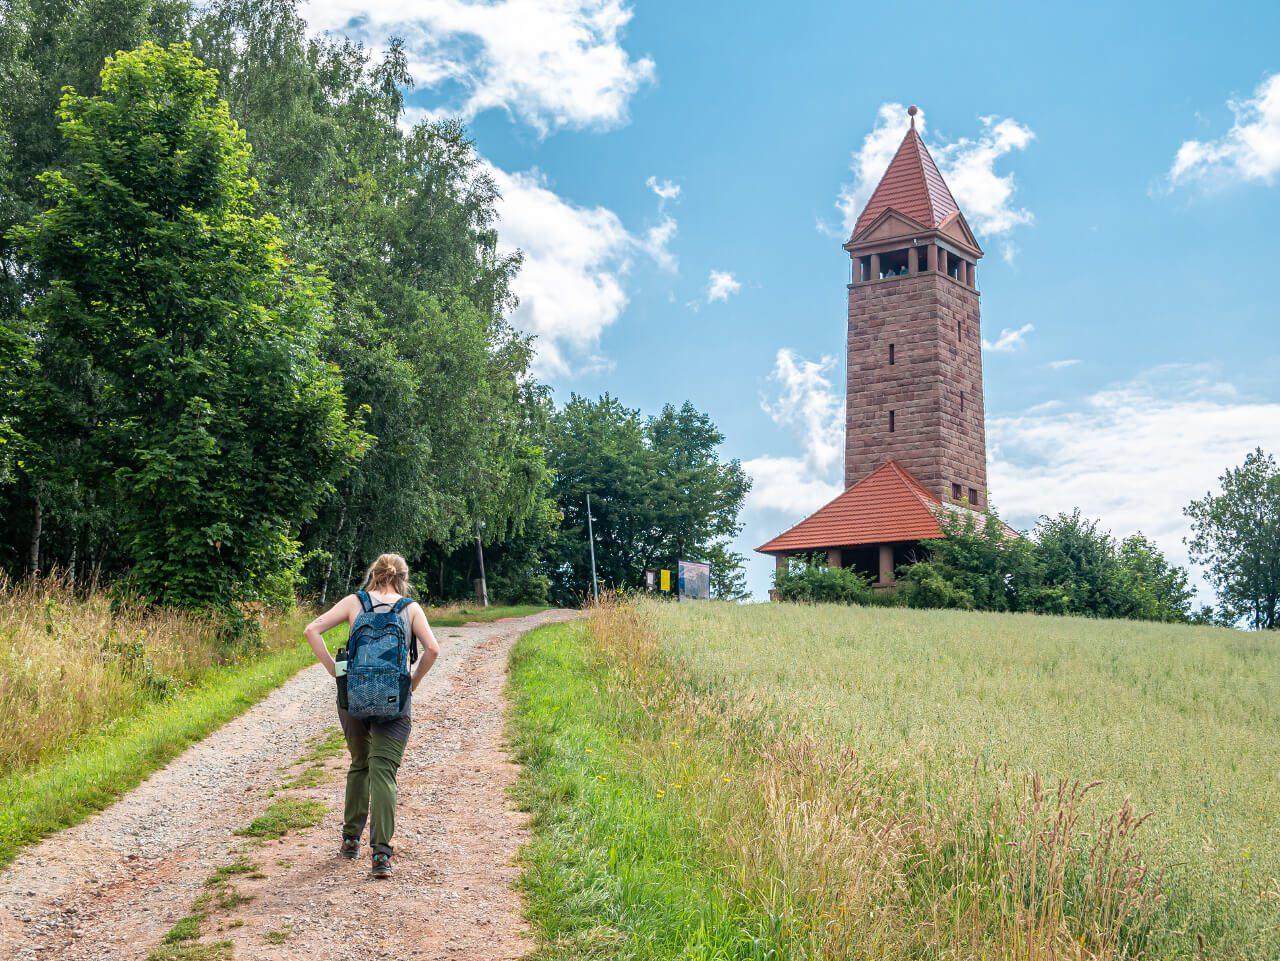 Szlak na Górę Św. Anny jak dojść na wieżę widokową